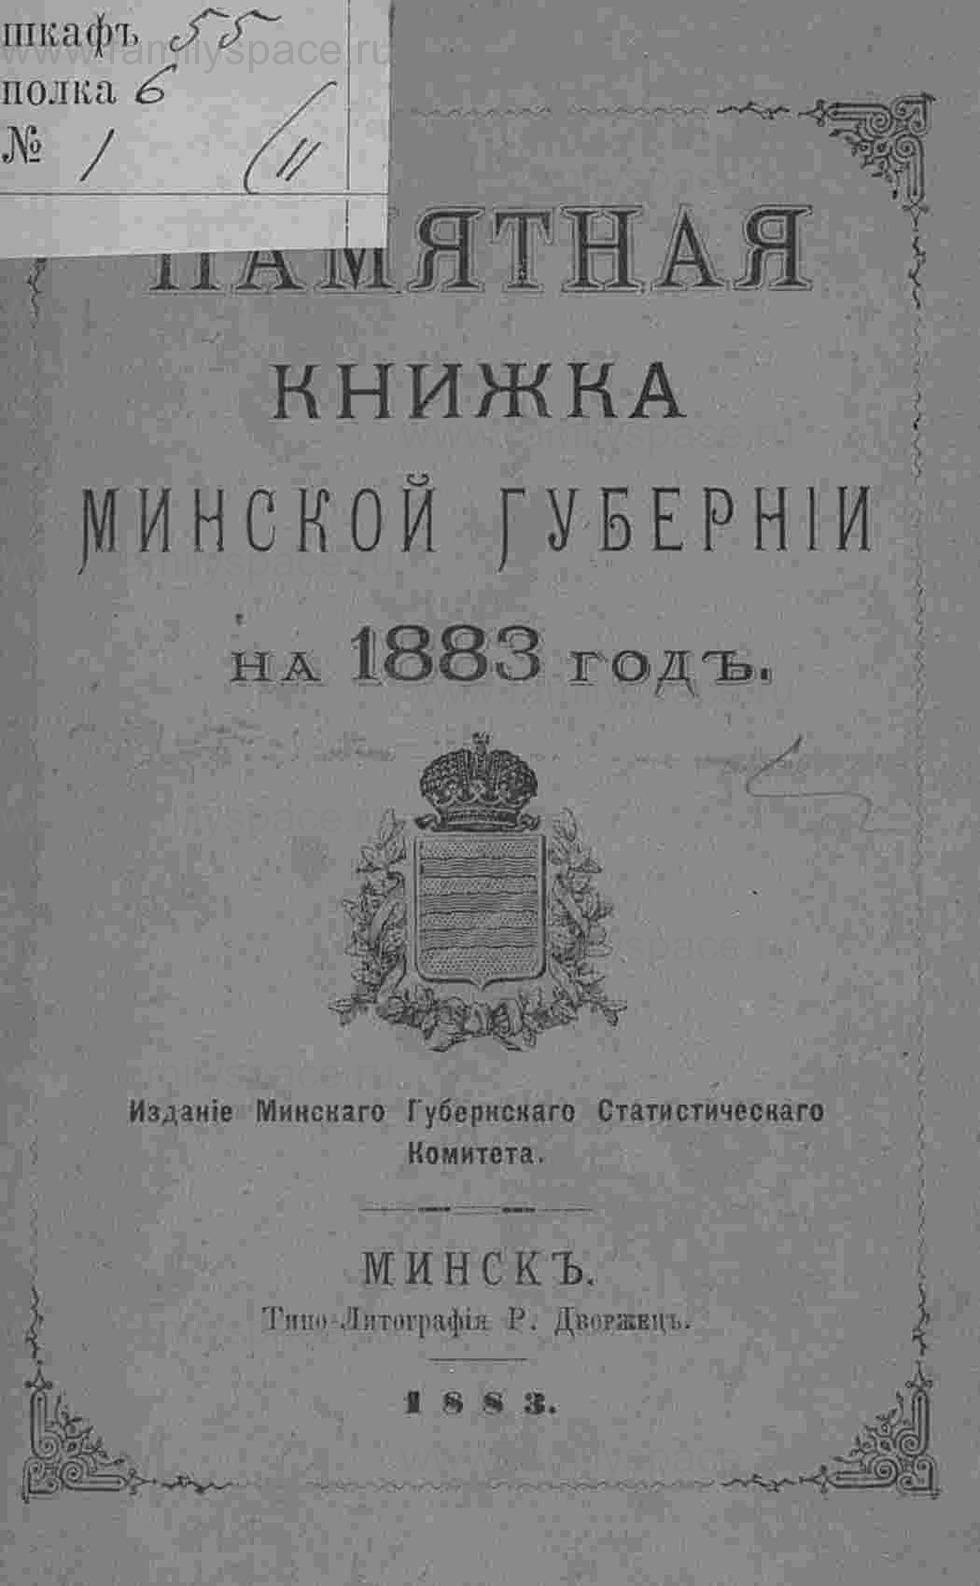 Поиск по фамилии - Памятная книжка Минской губернии на 1883 год, страница 3